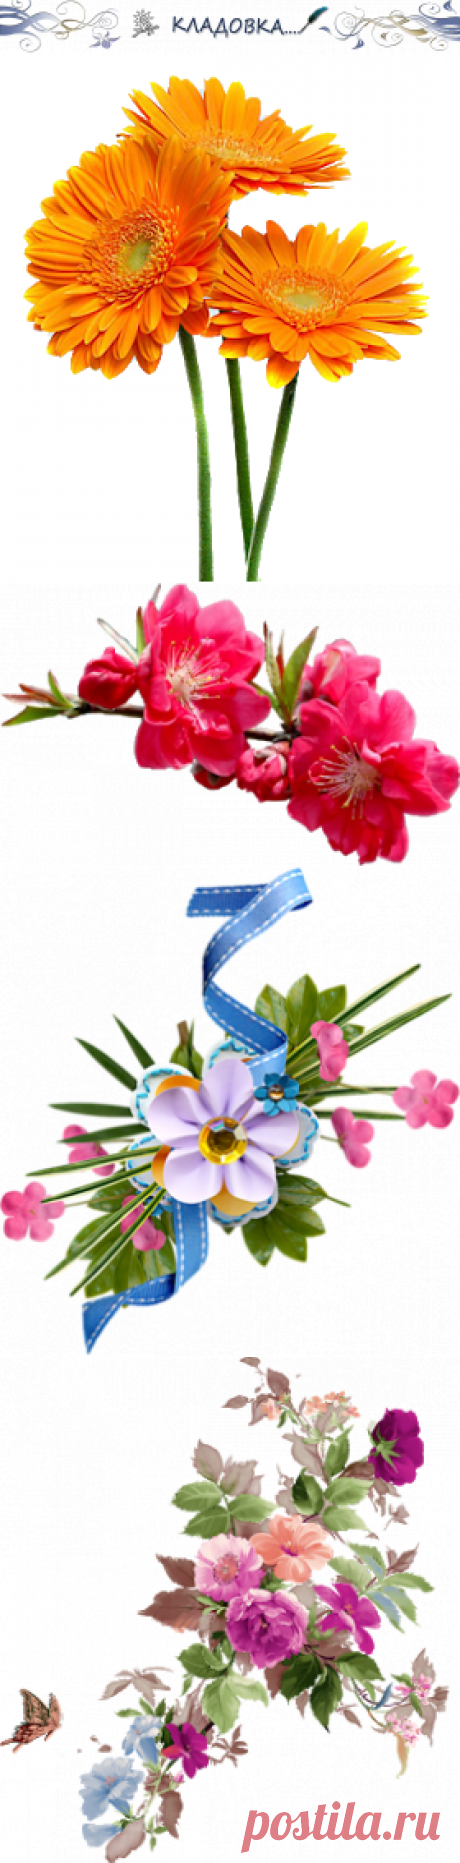 Кладовка...: Цветы с ножками(веточками) - png - на прозрачном фоне